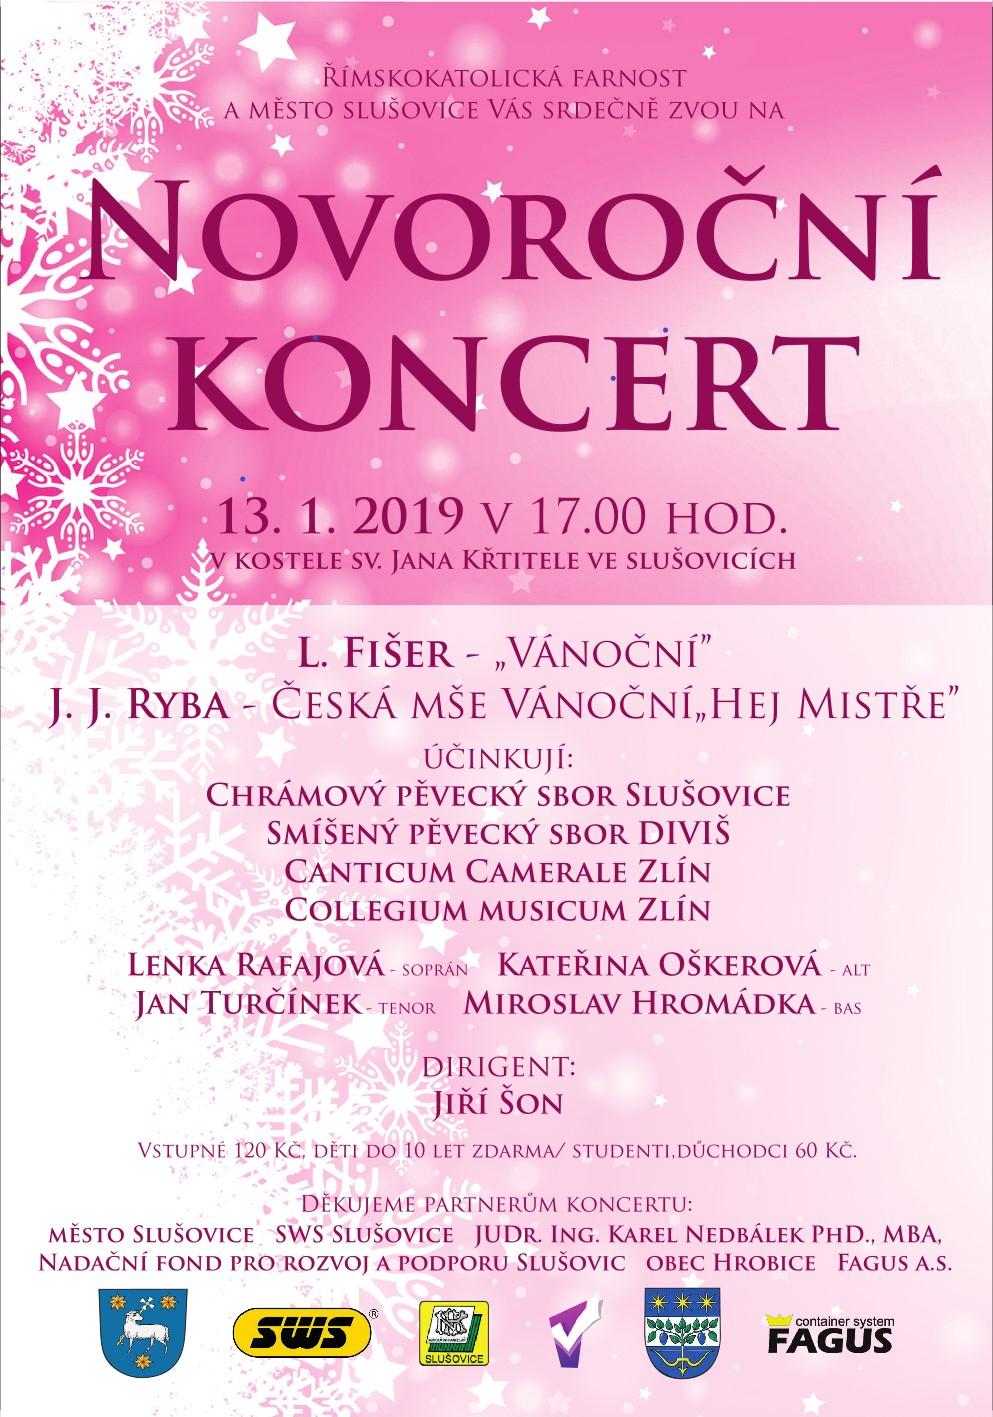 Koncert 13 1 2019 jpg